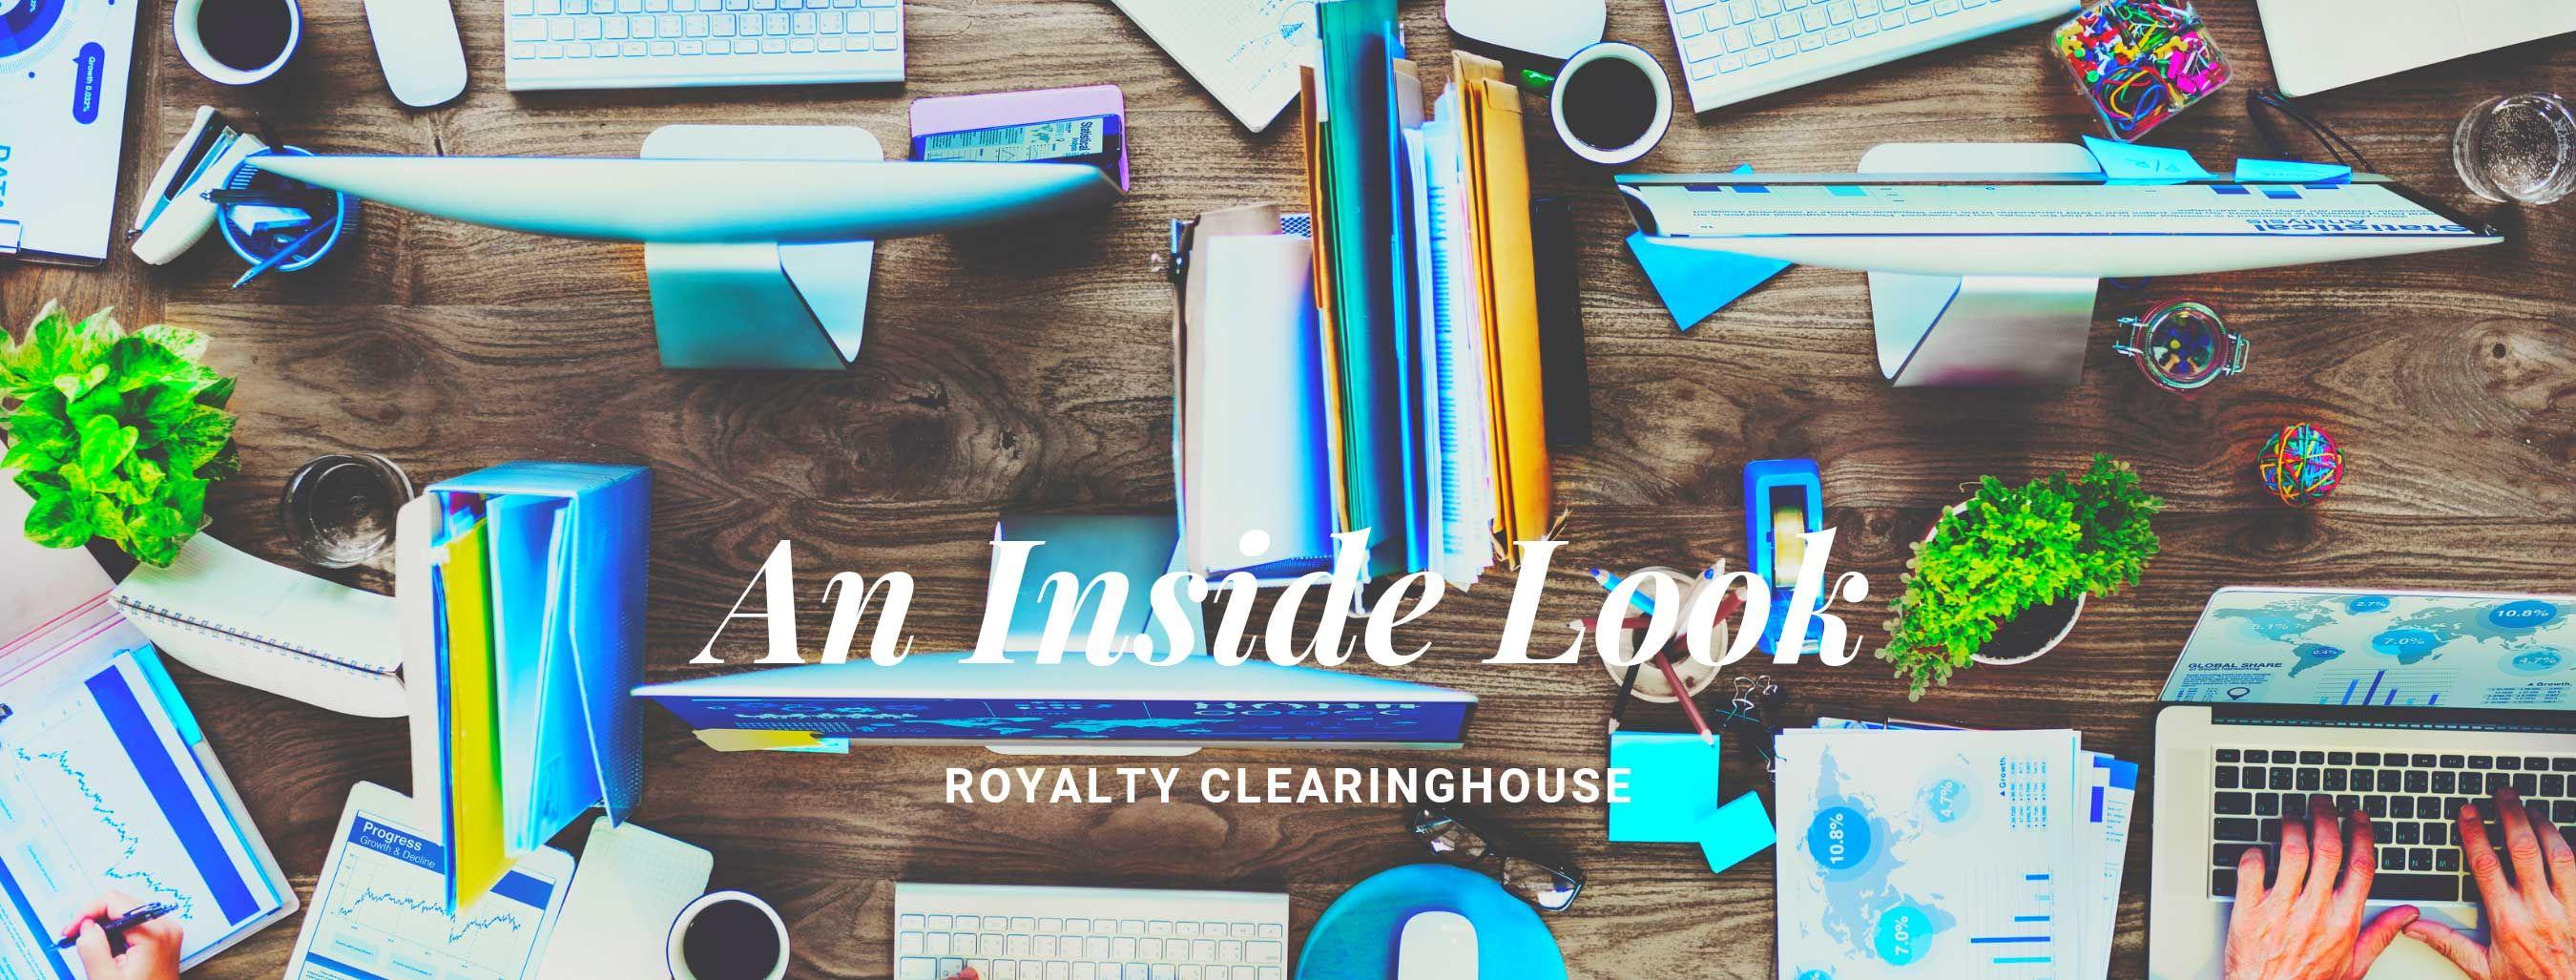 An-Inside-Look-1st-blog-(2700x1027).jpg